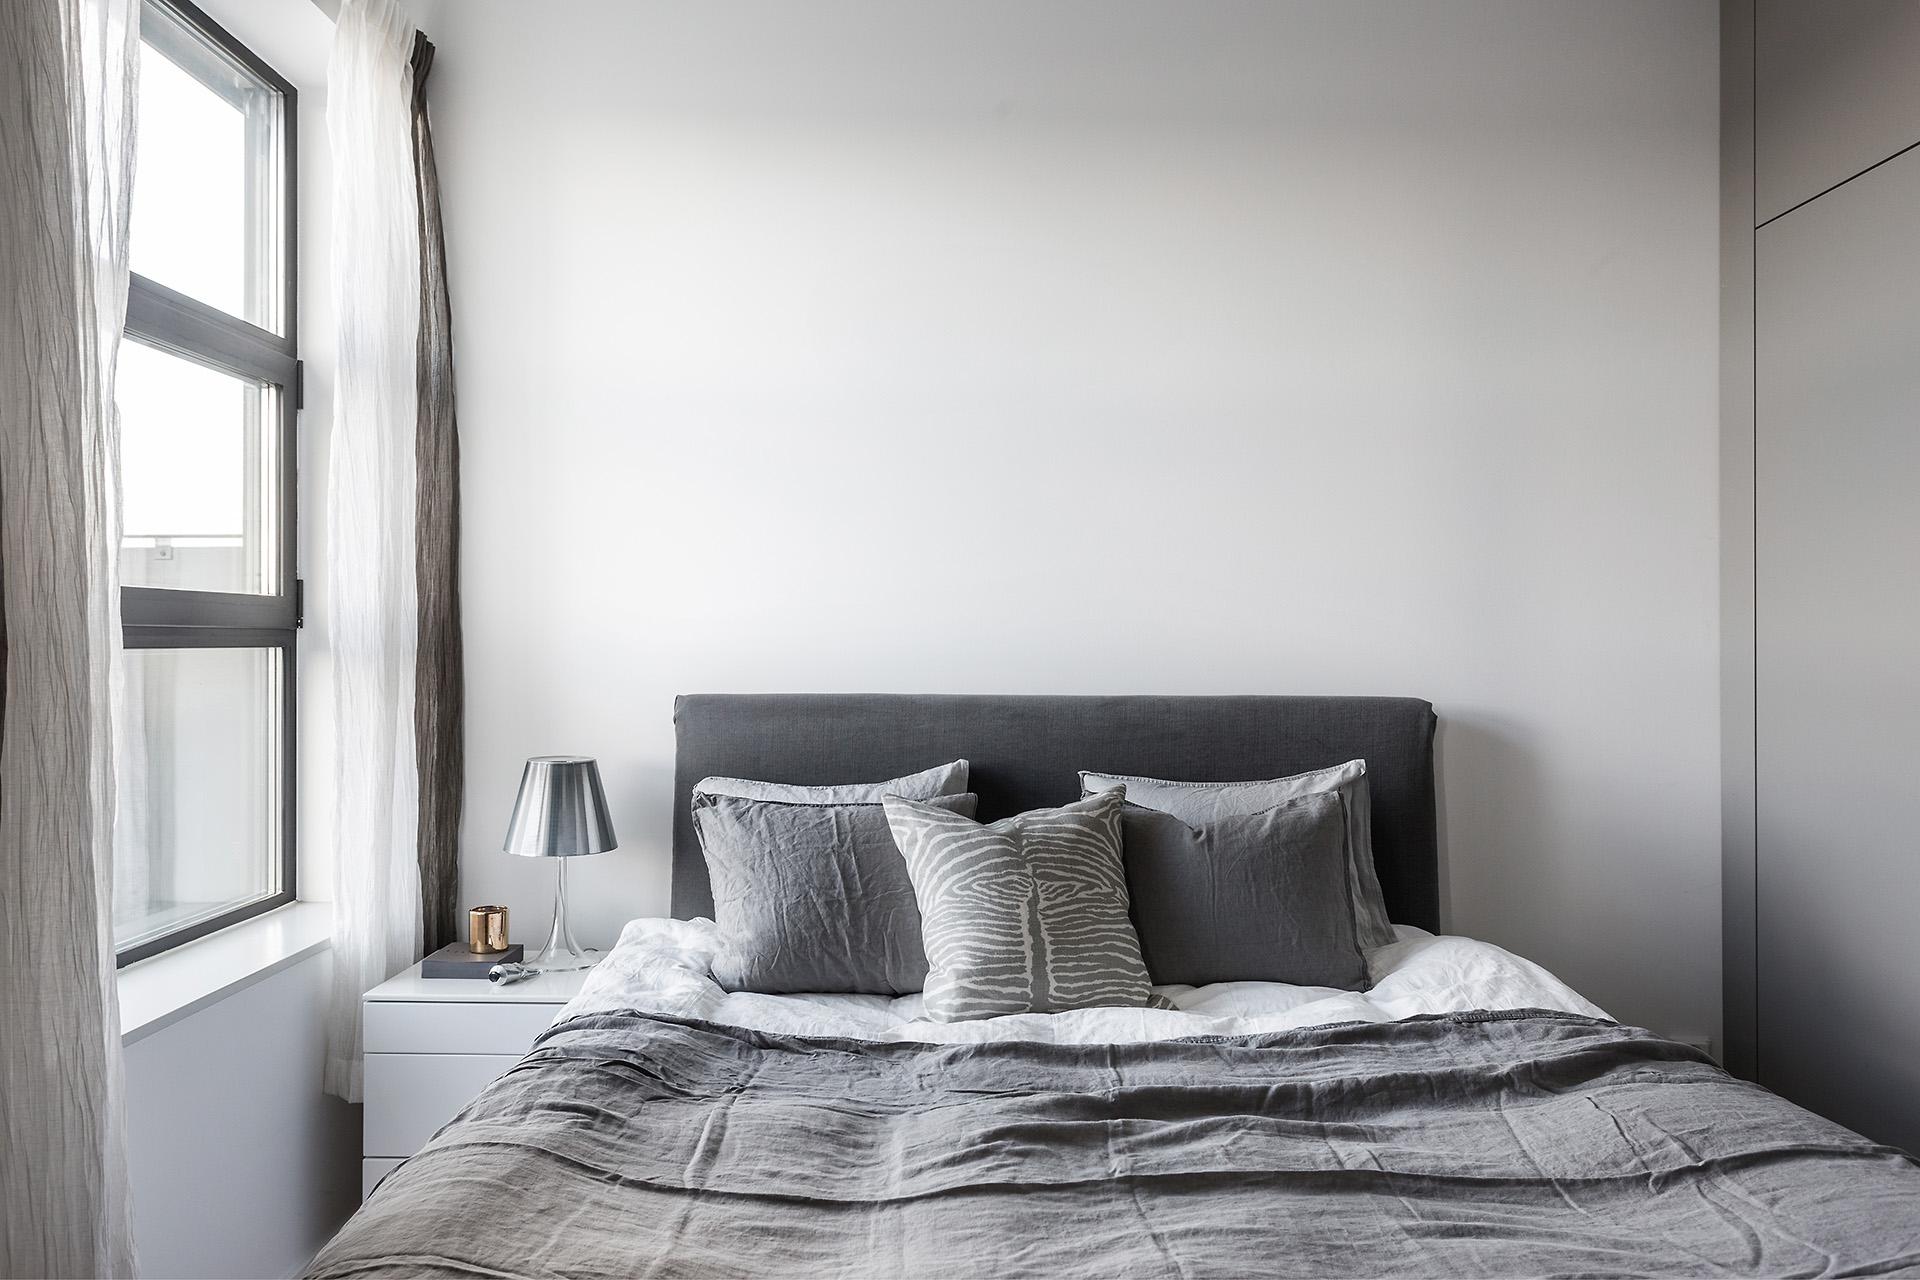 Slaapkamer ideeën grijs